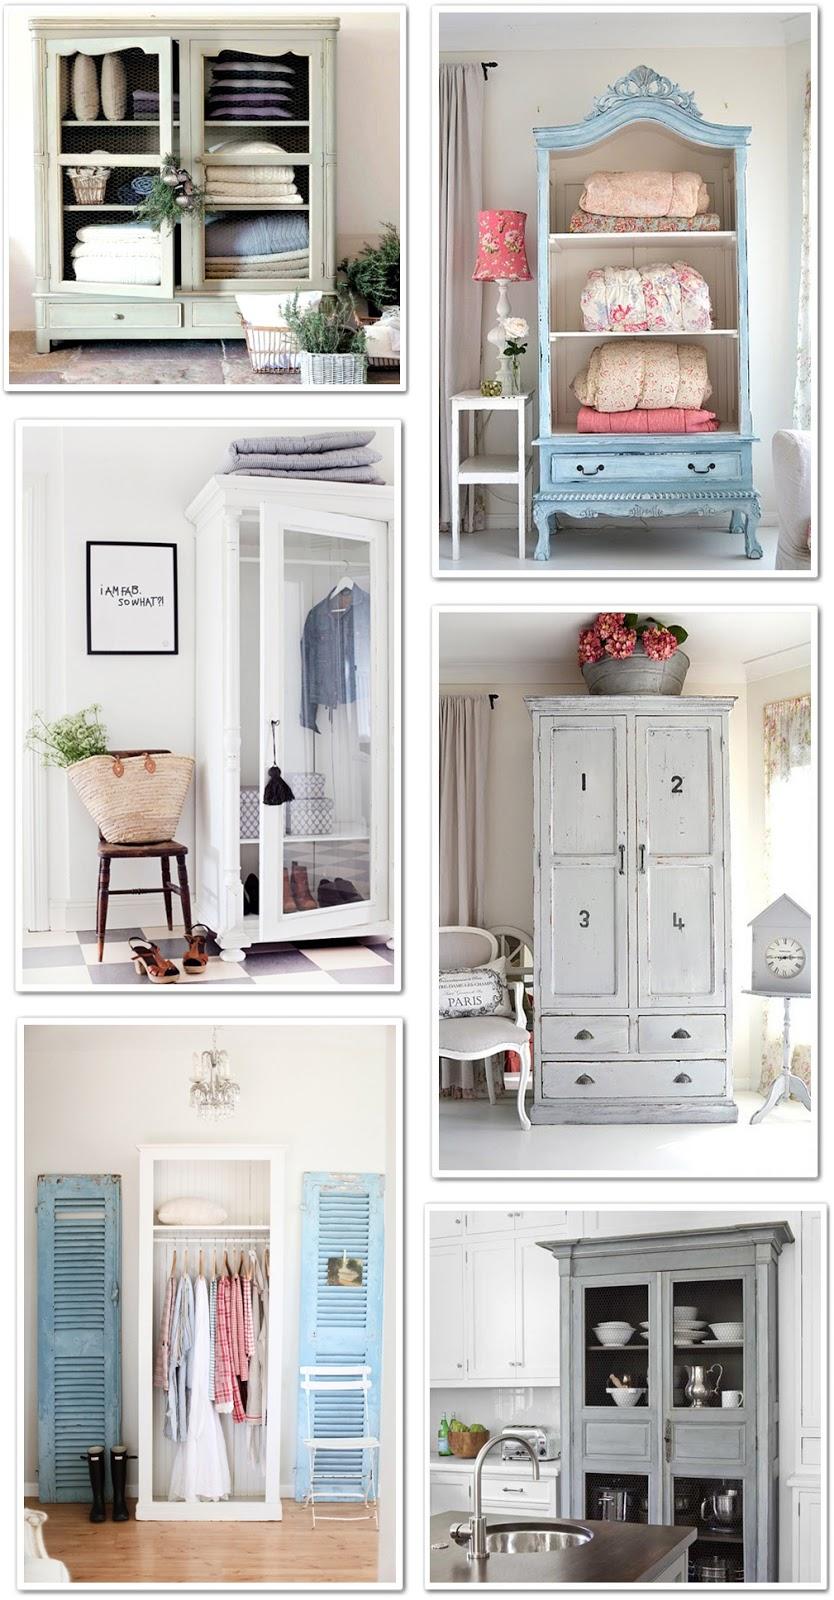 Un armadio da trasformare shabby chic interiors - Decorare un armadio ...